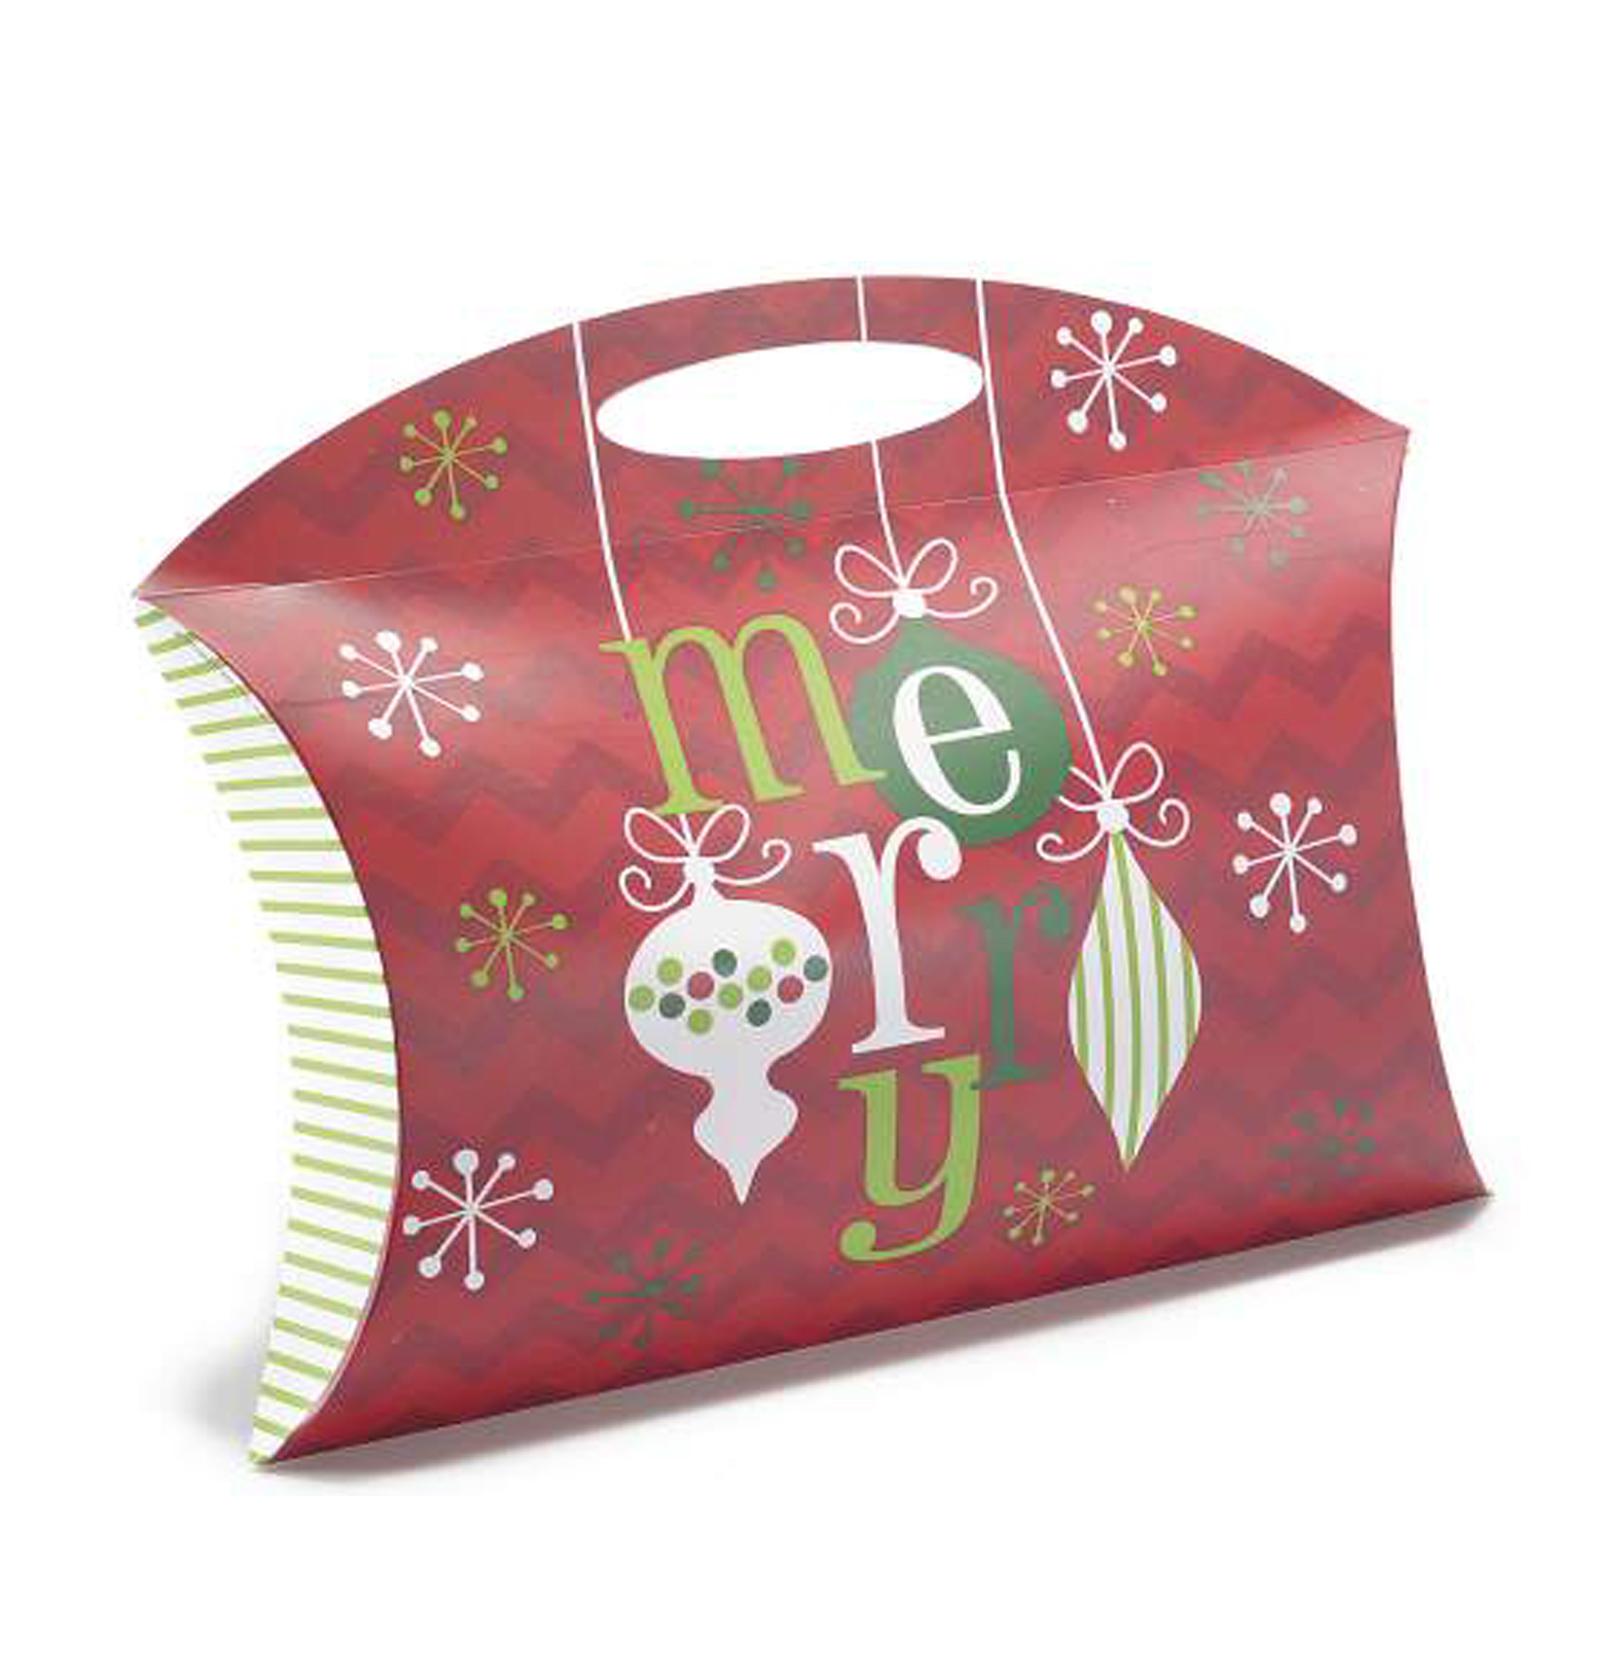 Scatole di cartone natalizie ym37 regardsdefemmes for Regalo per cognata natale